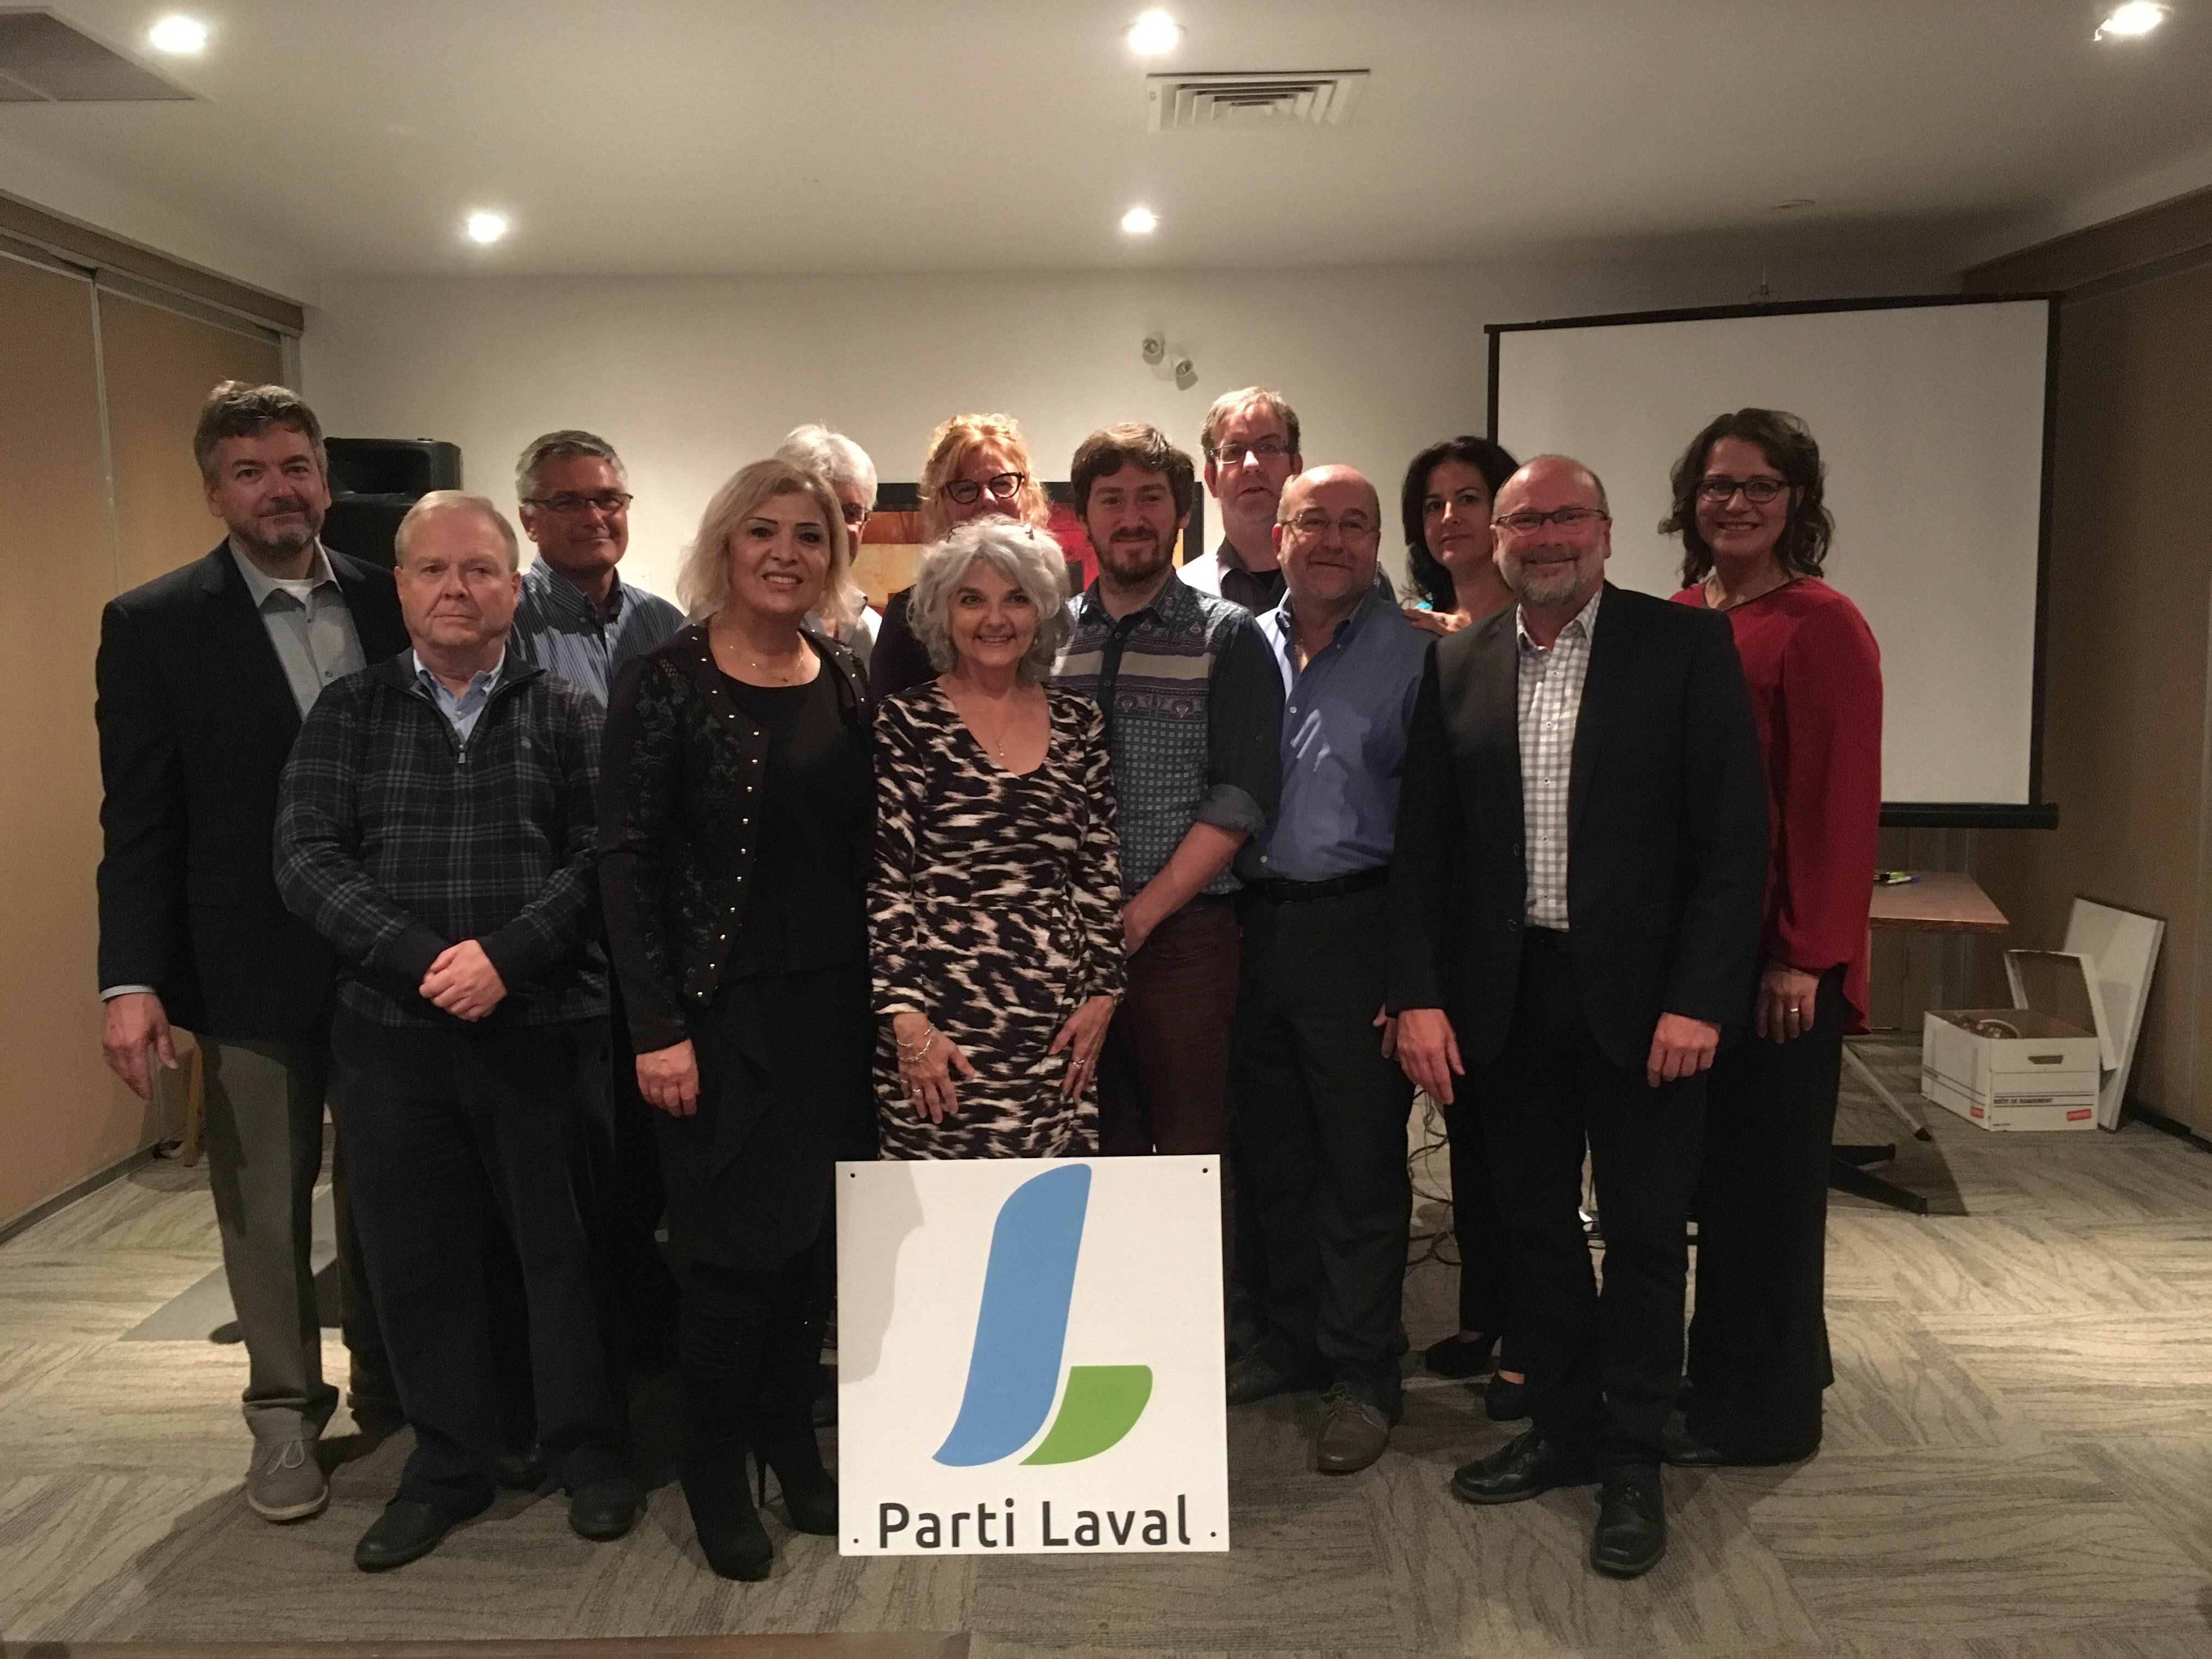 La première assemblée générale du Parti Laval adopte son conseil d'administration